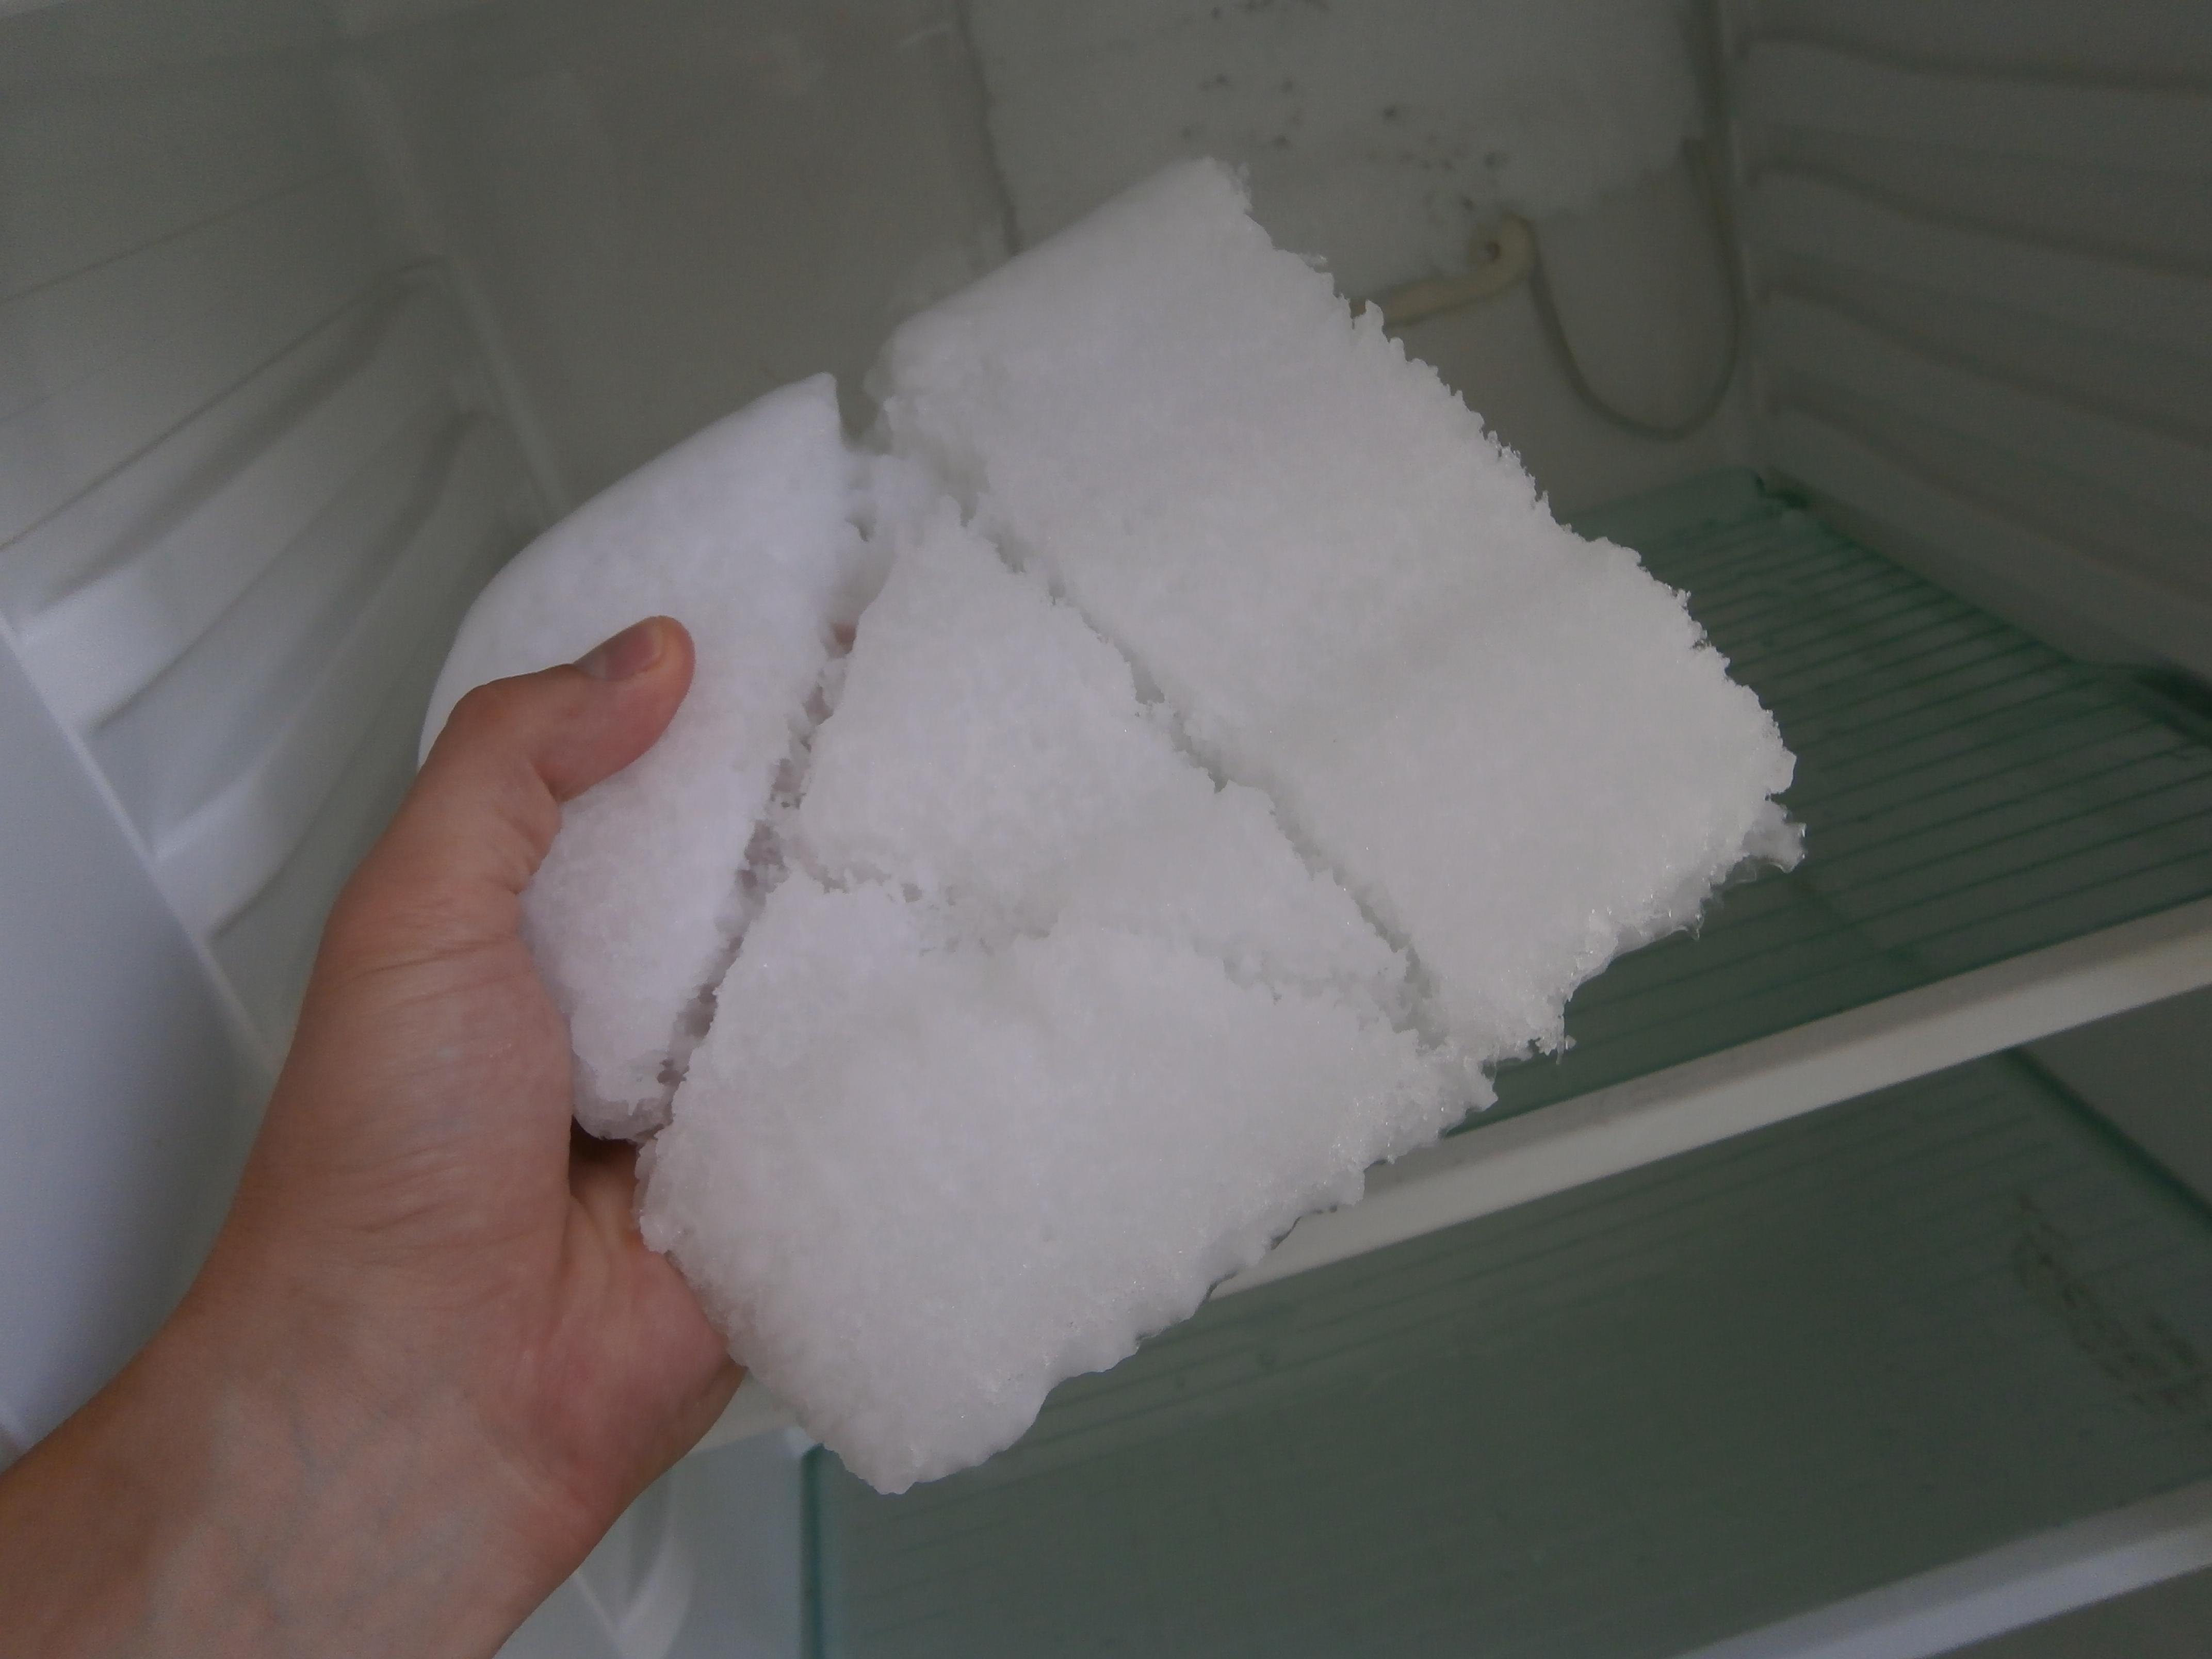 Как убрать наледь в холодильнике, не размораживая его: простой способ